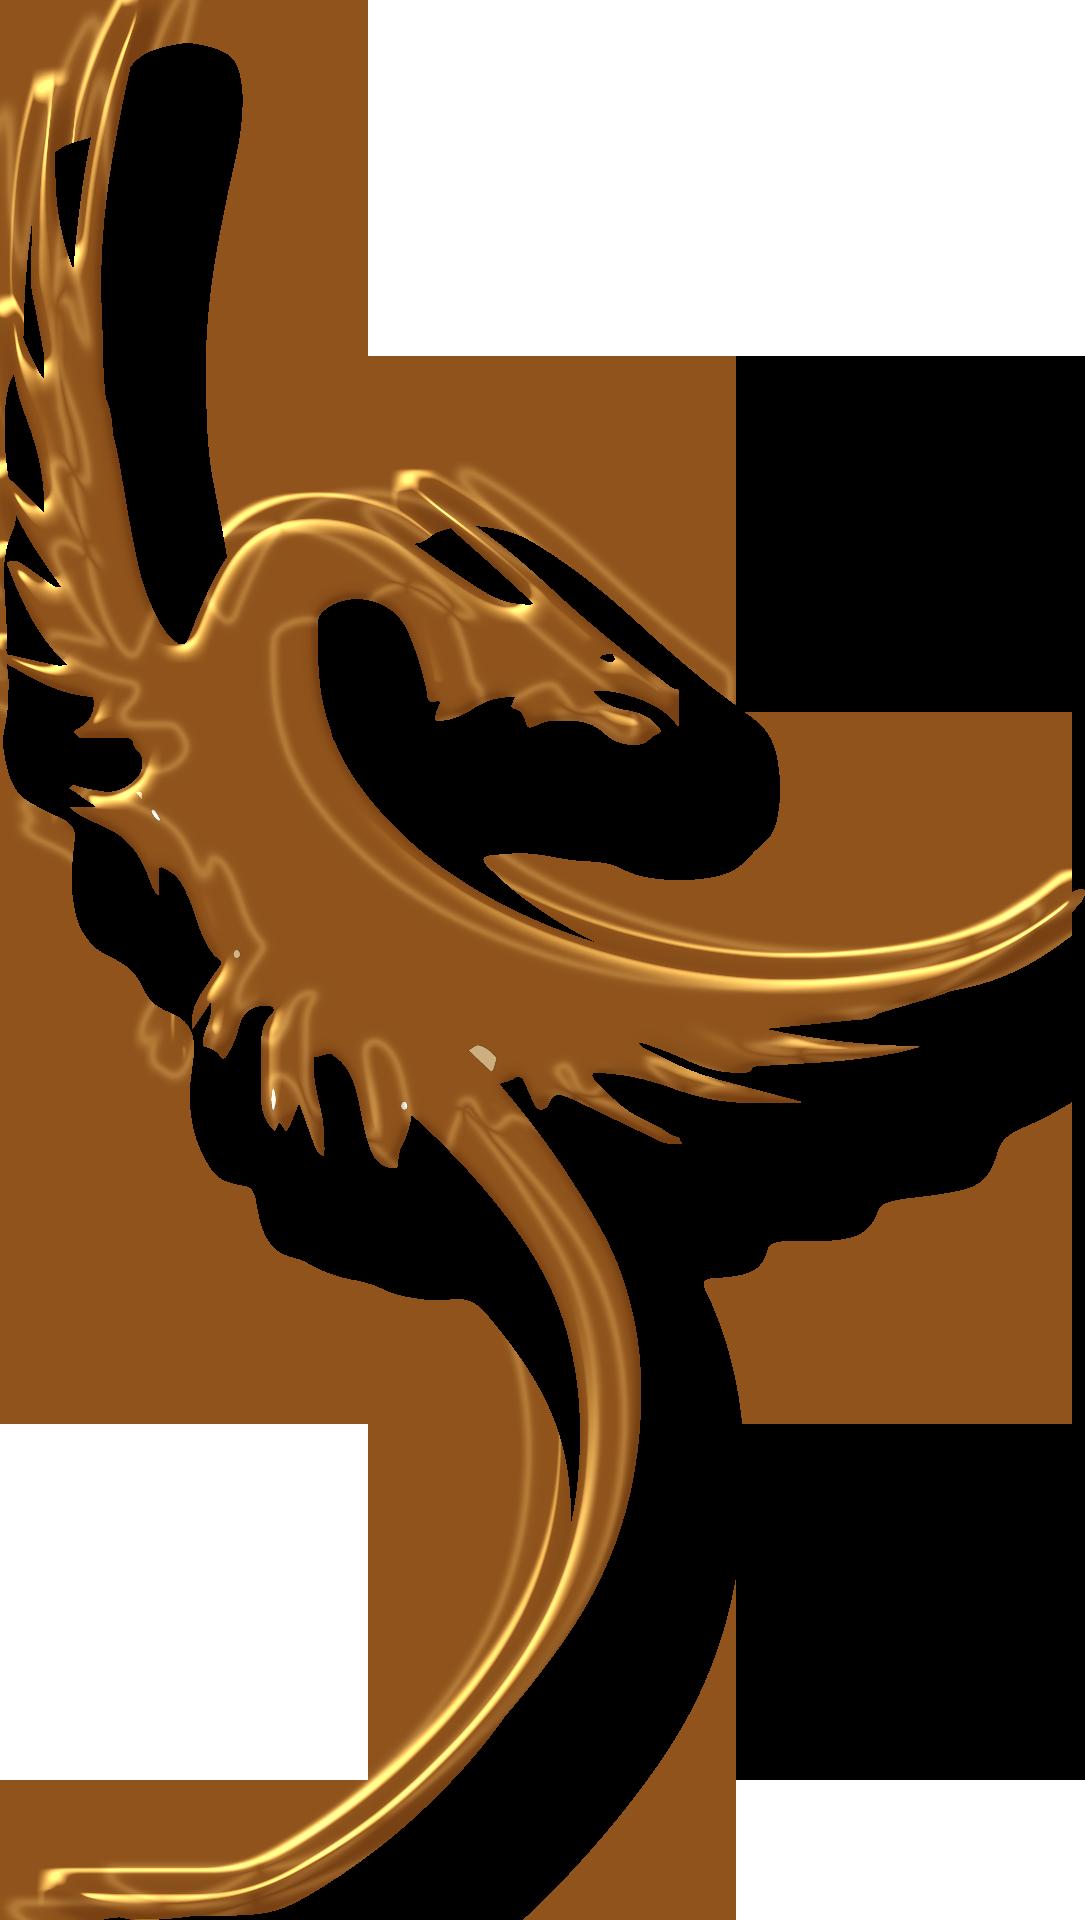 GOLD DRAGON HAIKU